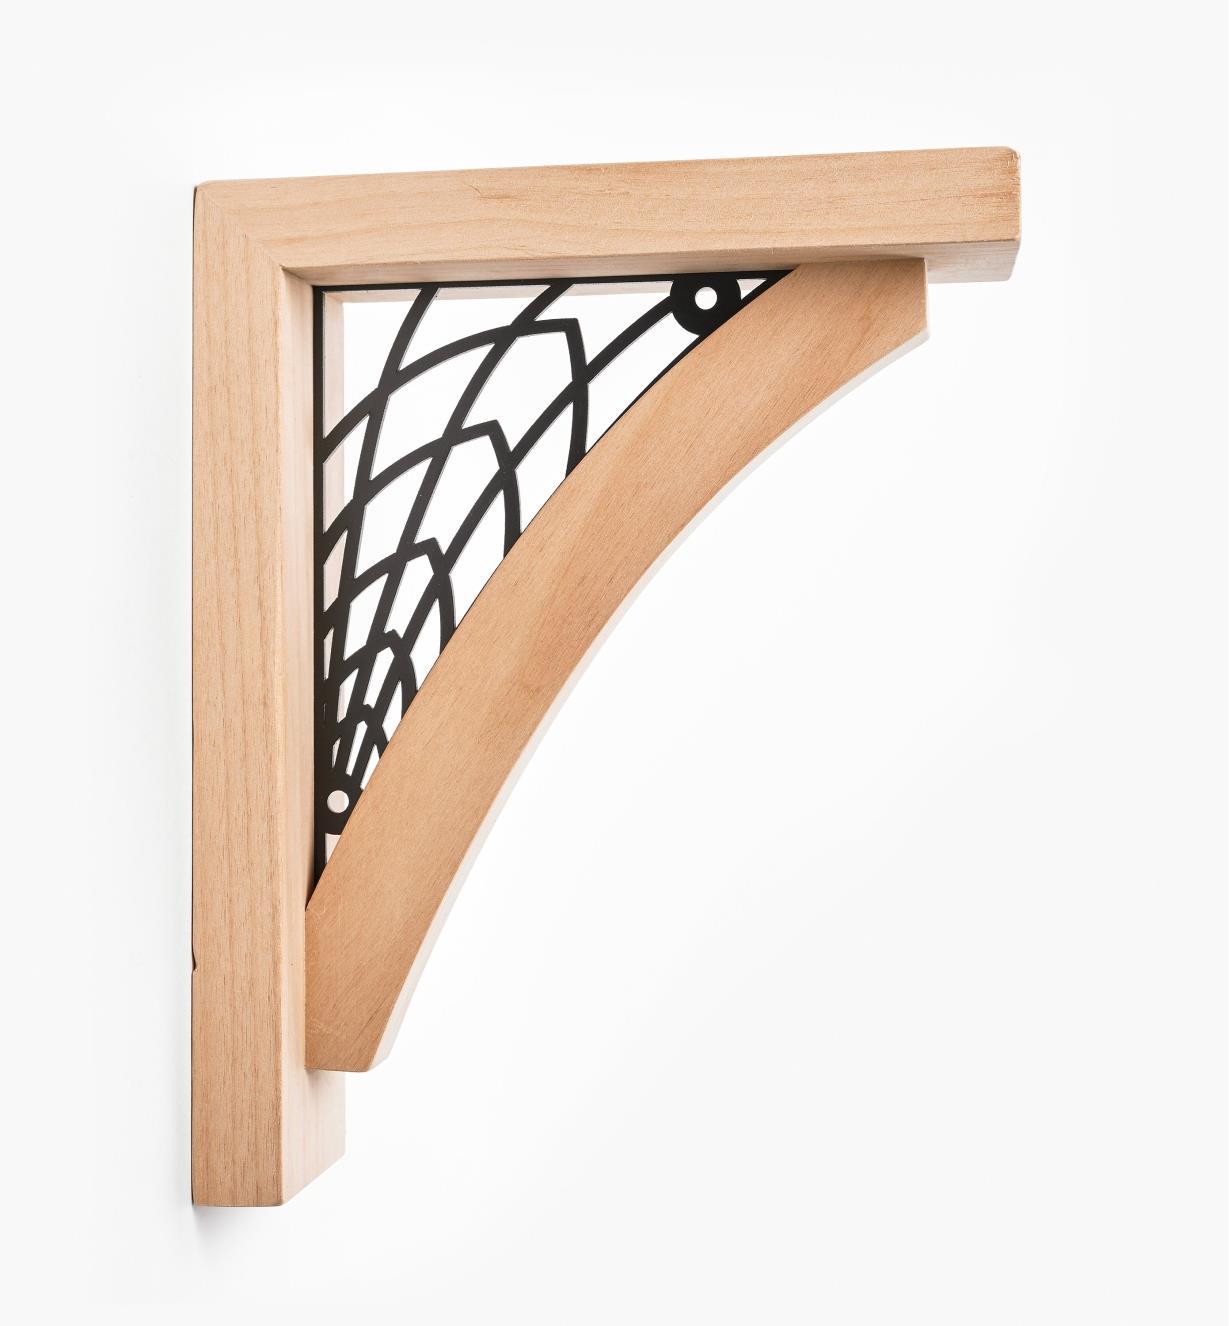 00S0730 - Web Wooden Shelf Bracket